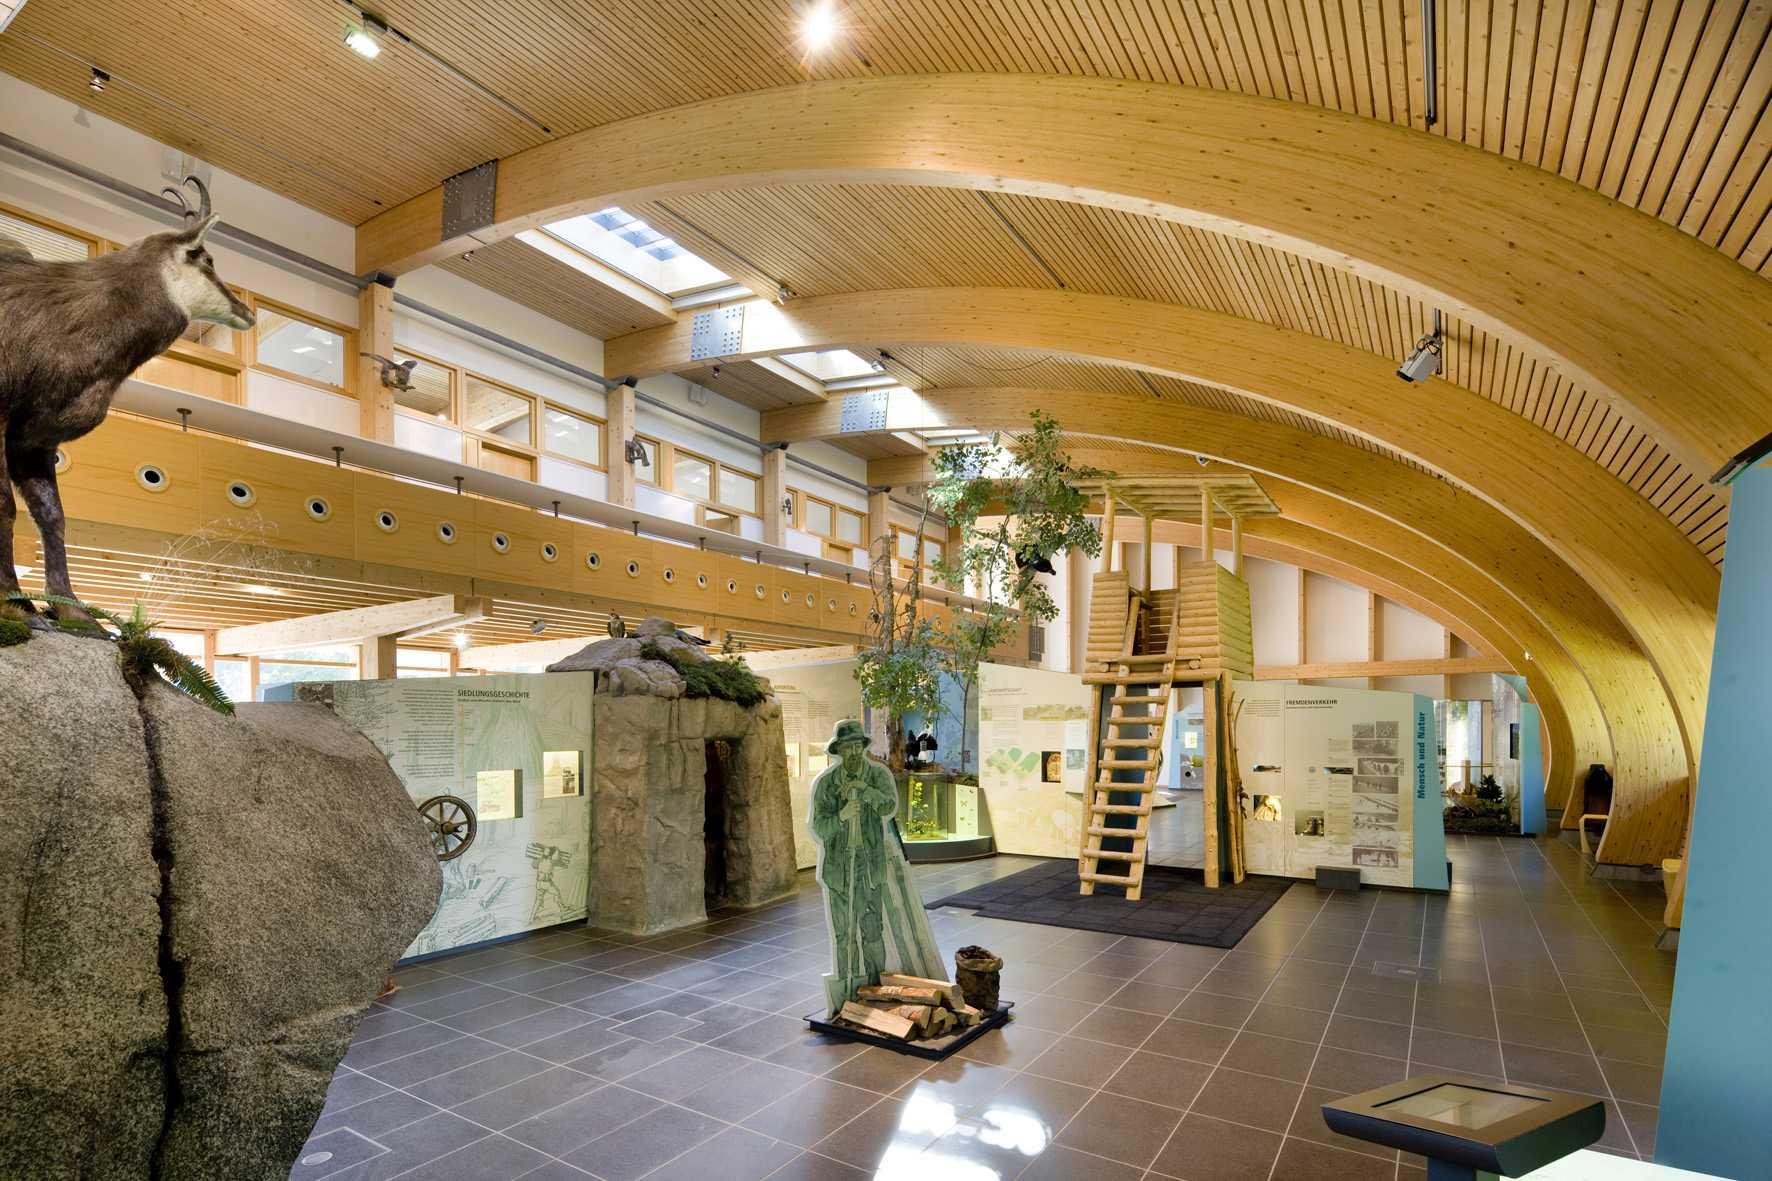 Haus der Natur. Foto: Jürgen Gocke